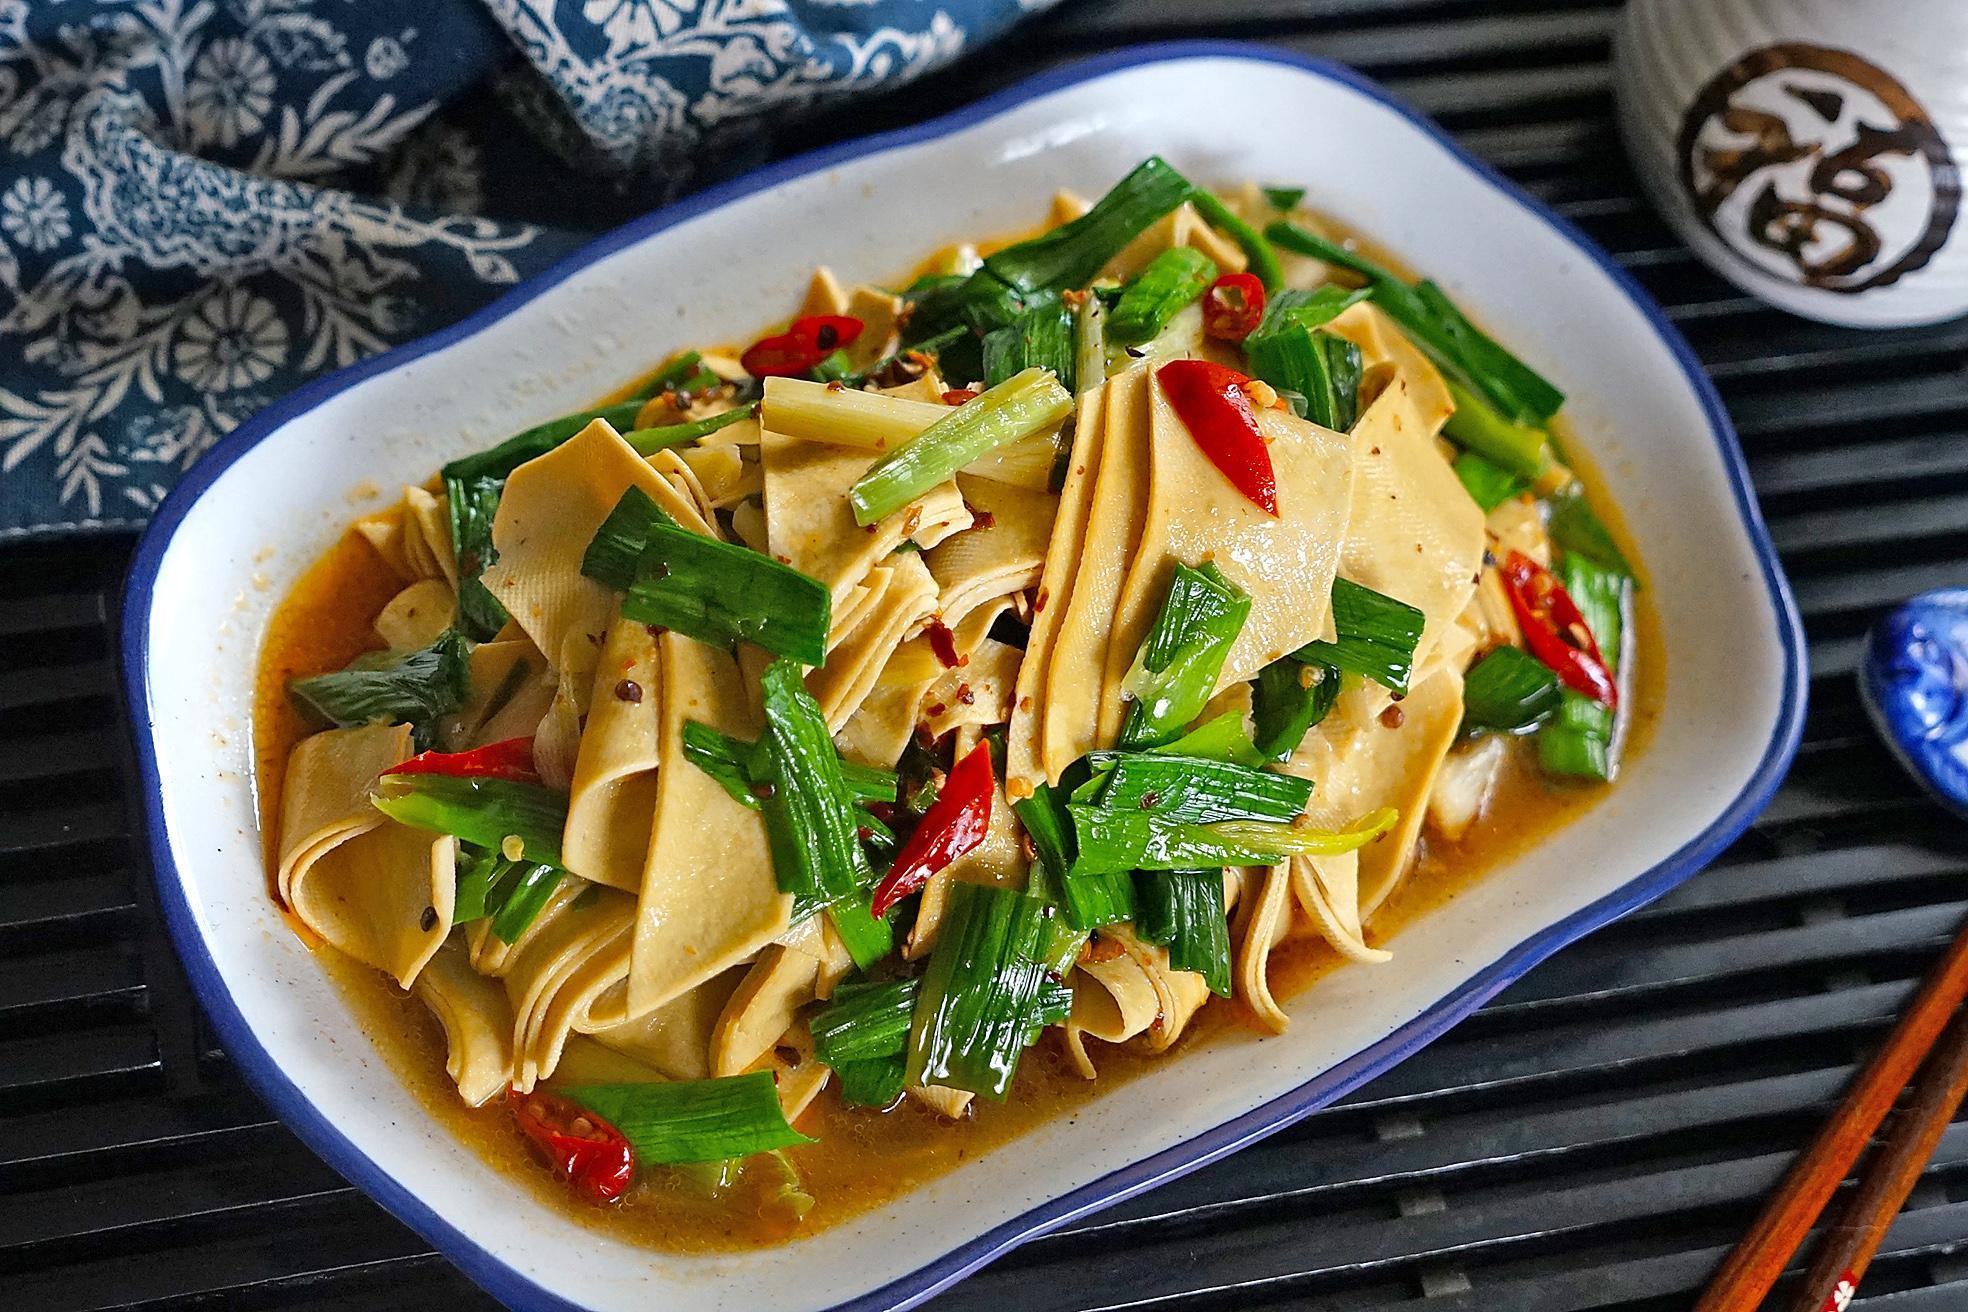 大寒到,這菜要給家人多做,促進食欲又能殺菌,常吃讓流感靠邊站